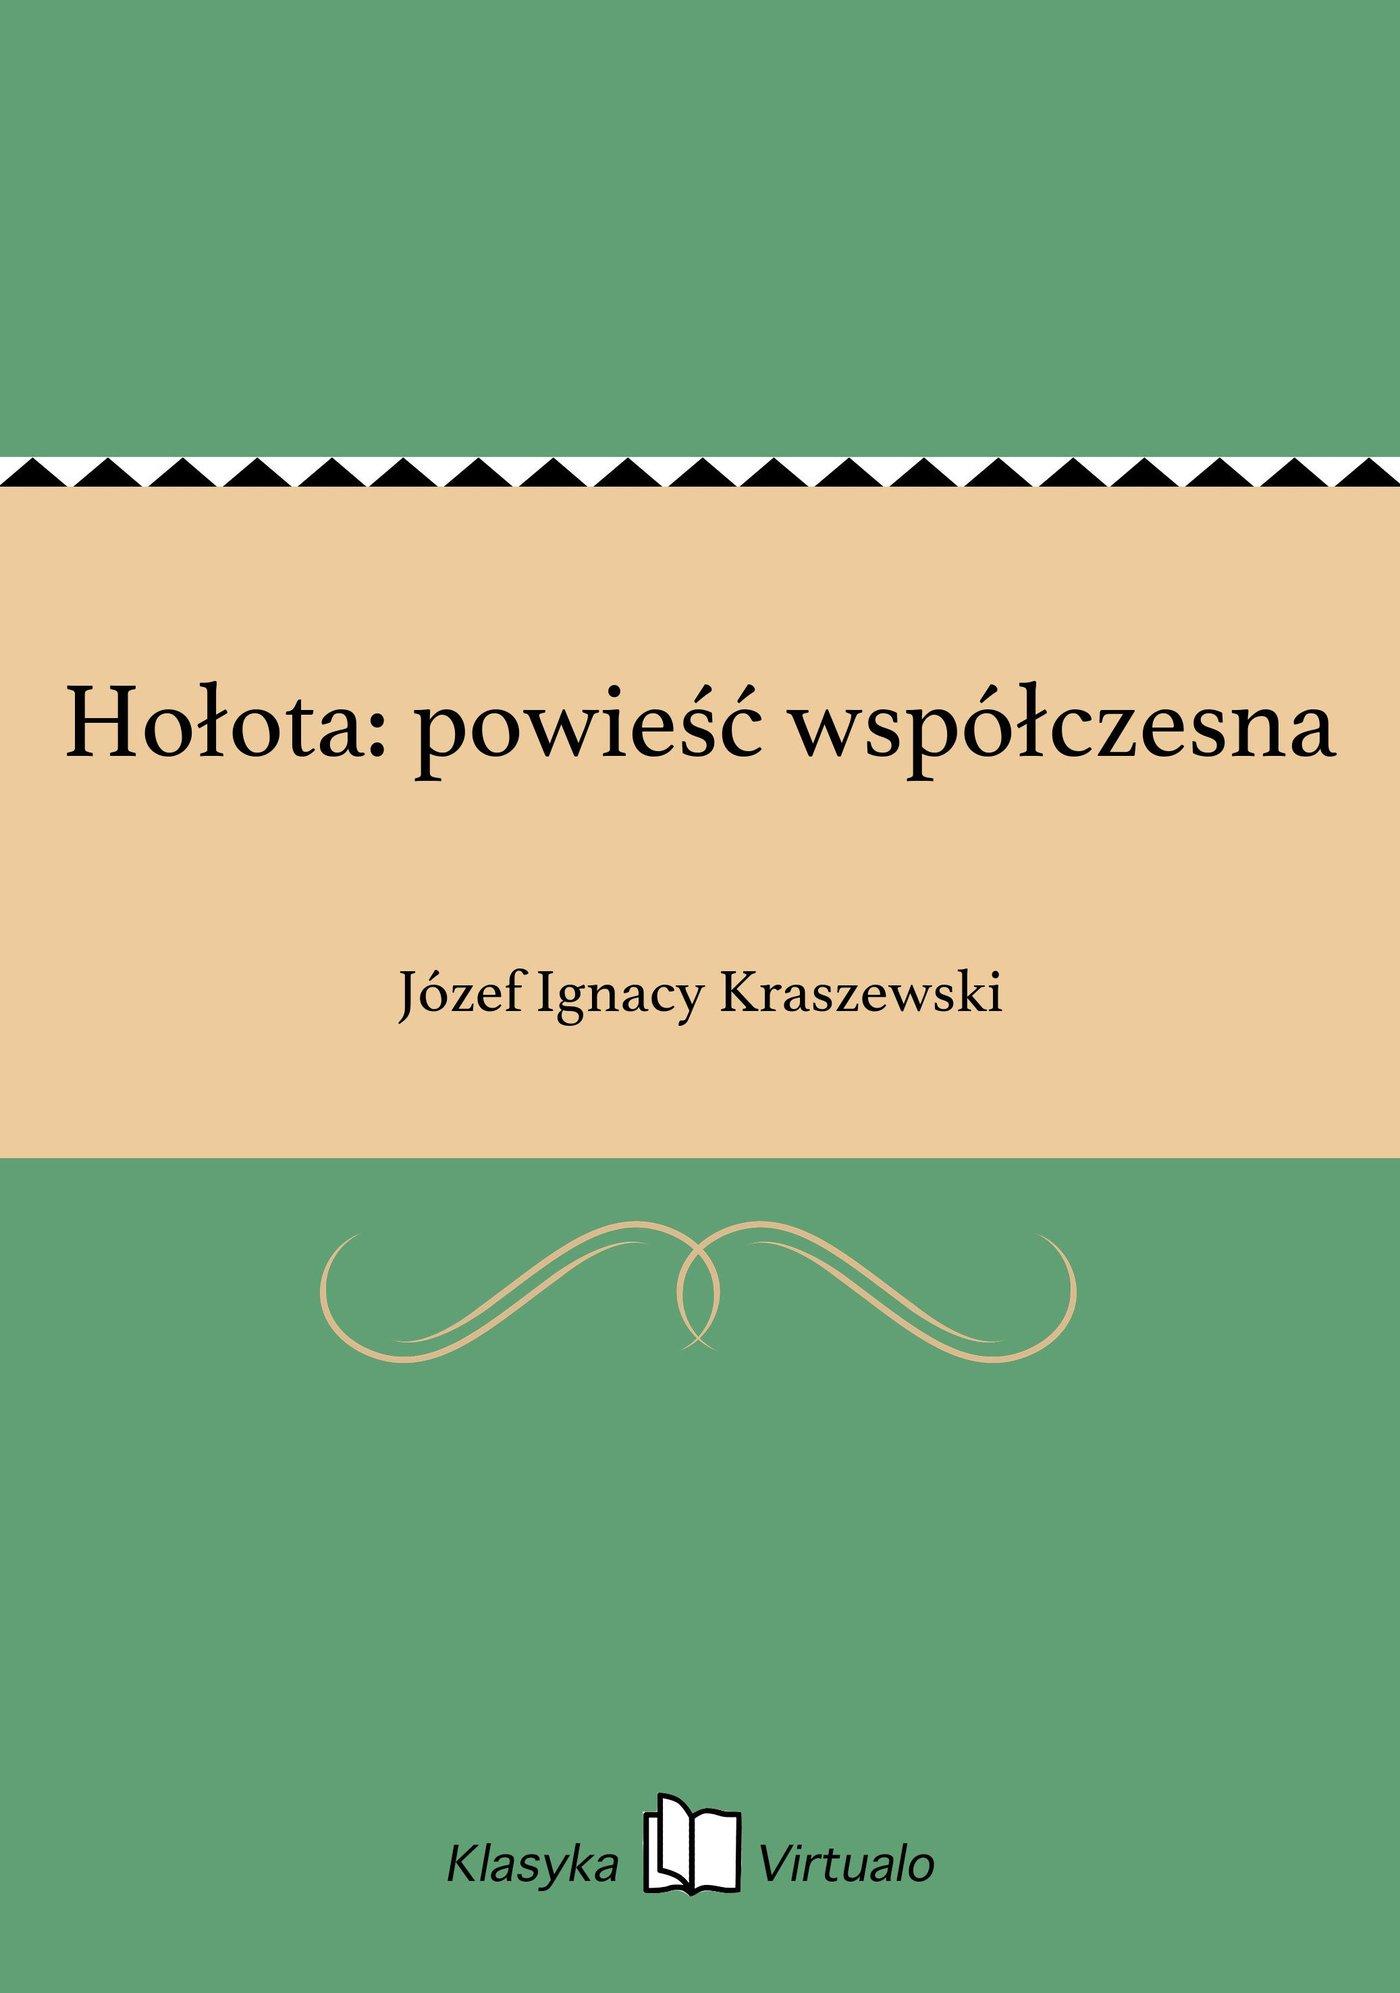 Hołota: powieść współczesna - Ebook (Książka EPUB) do pobrania w formacie EPUB